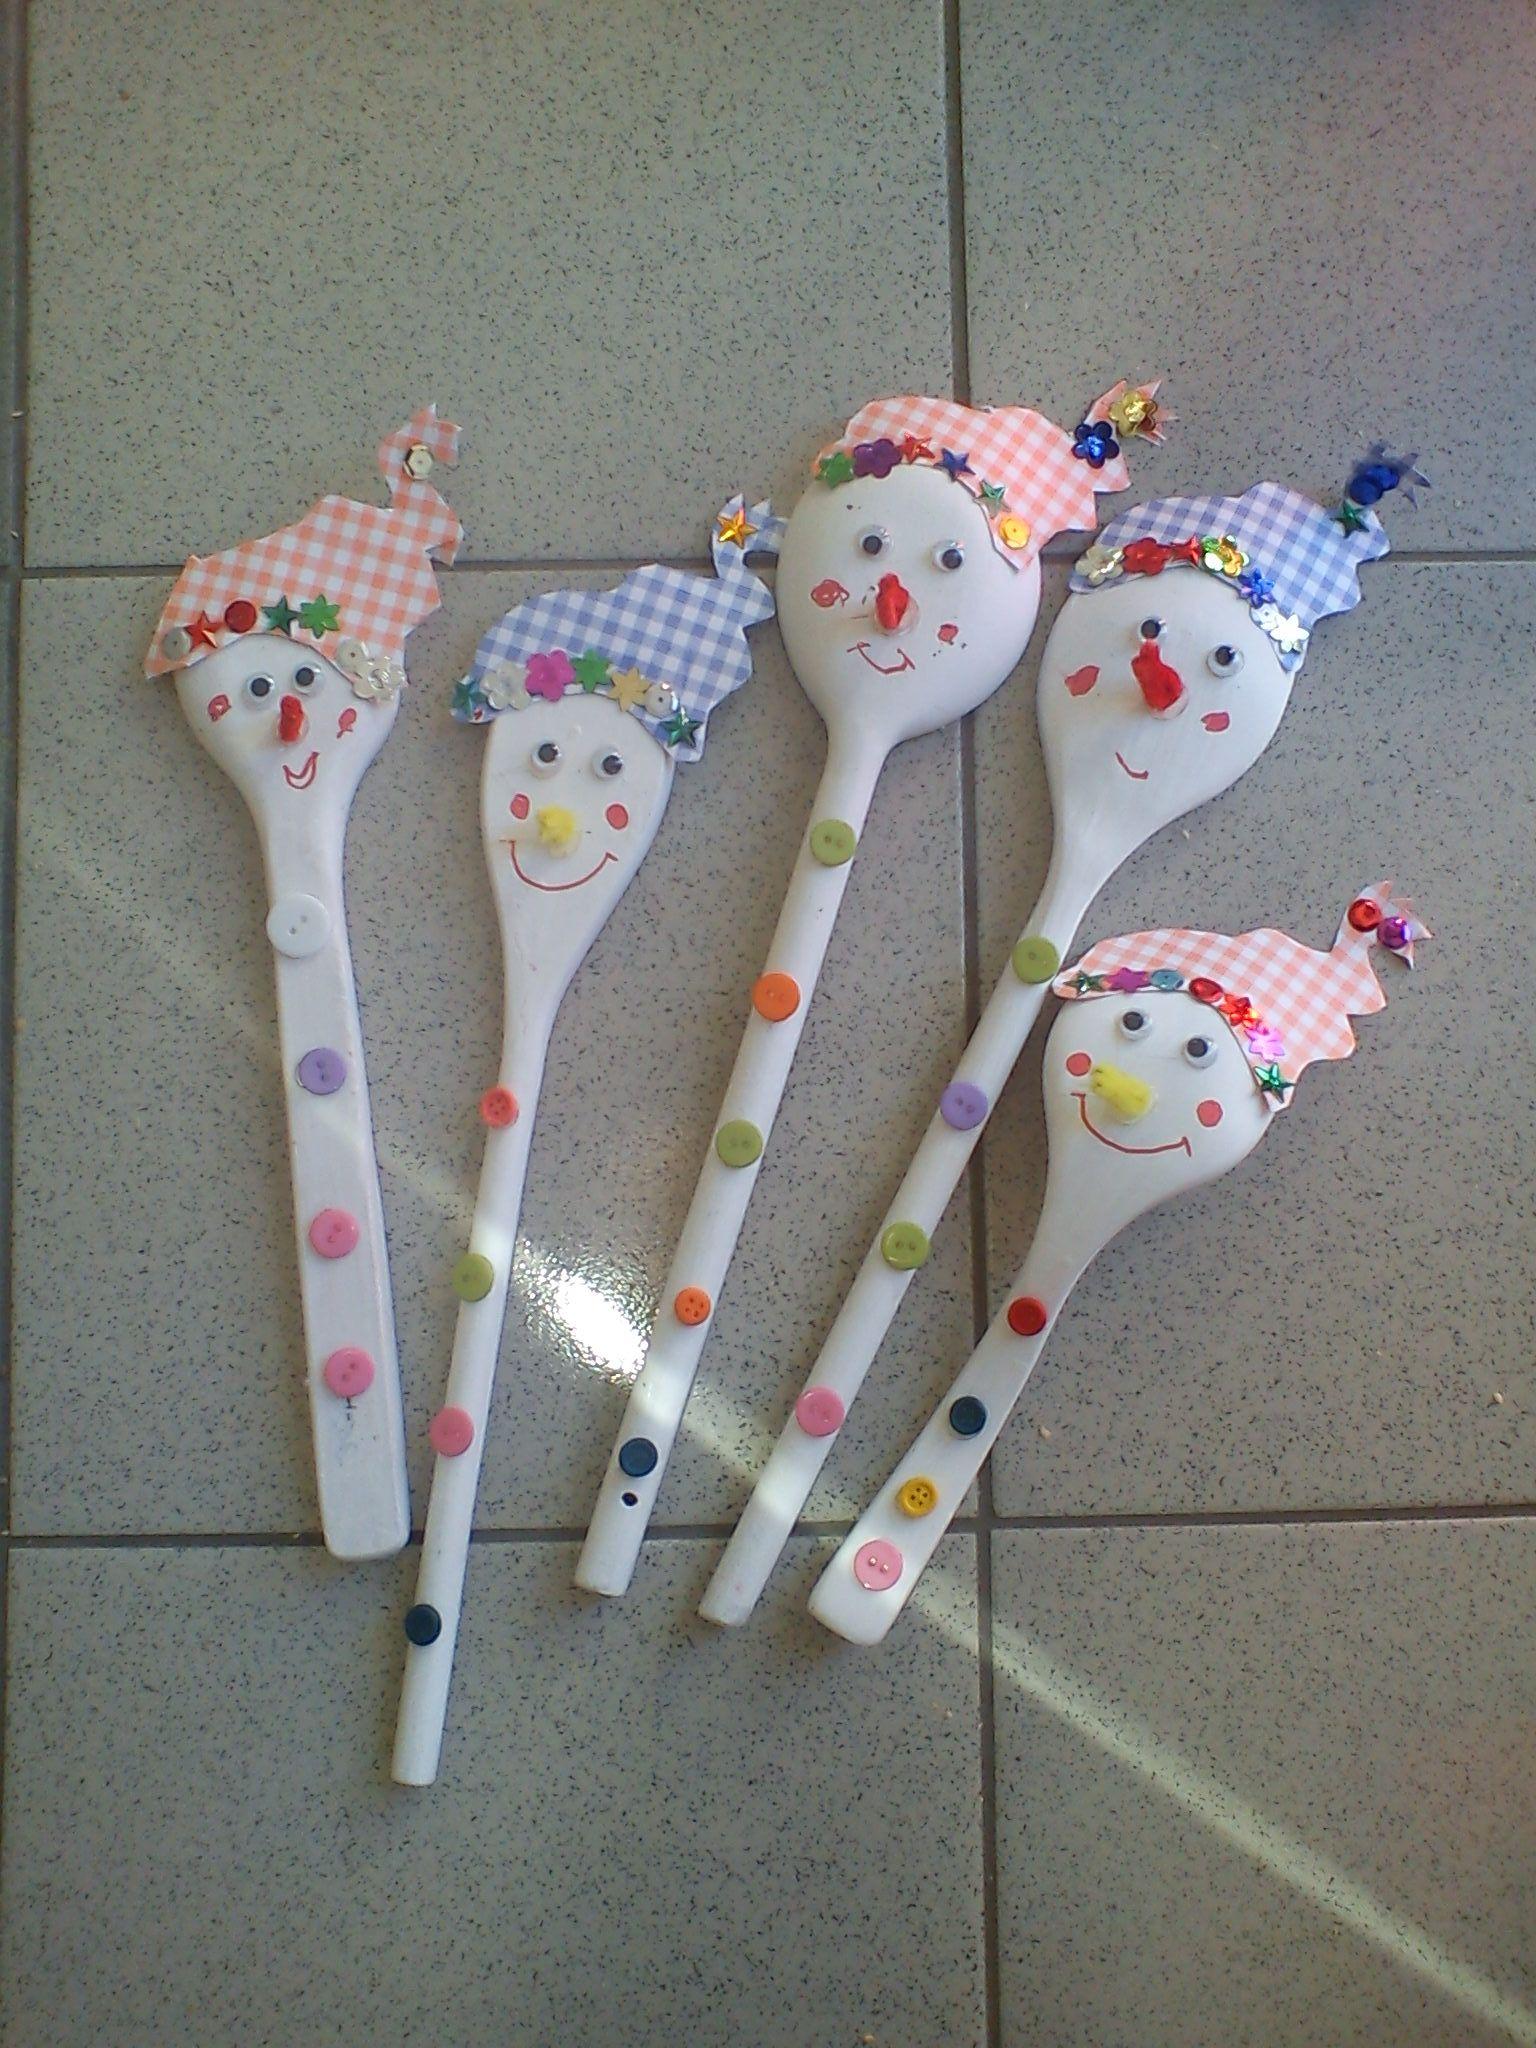 wooden spoon wooden spoon crafts spoon craft wooden spoons. Black Bedroom Furniture Sets. Home Design Ideas